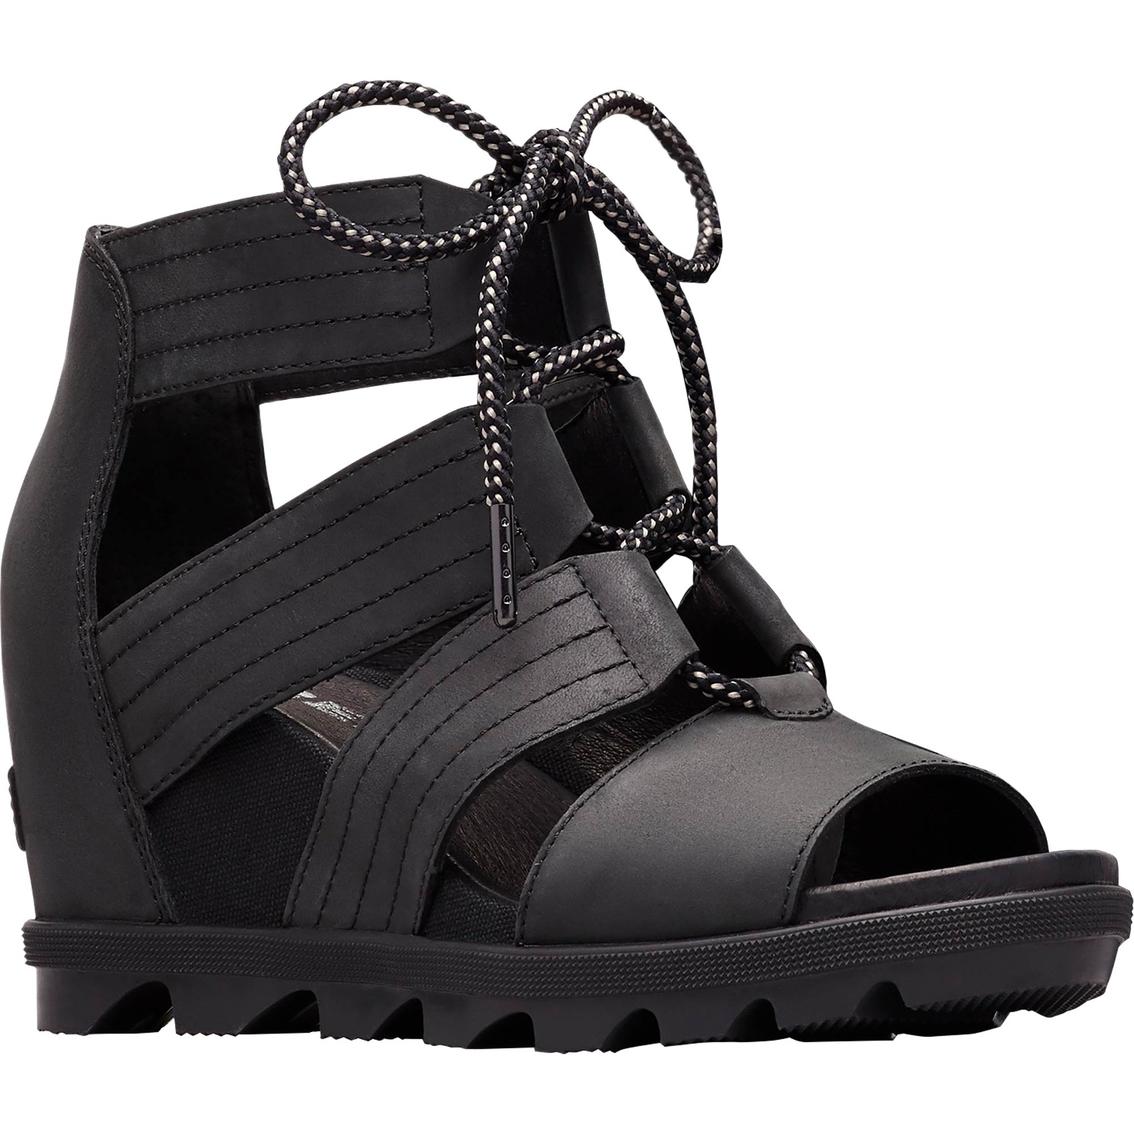 Sorel Joanie Ii Lace Wedge Sandals Wedge Shoes Shop